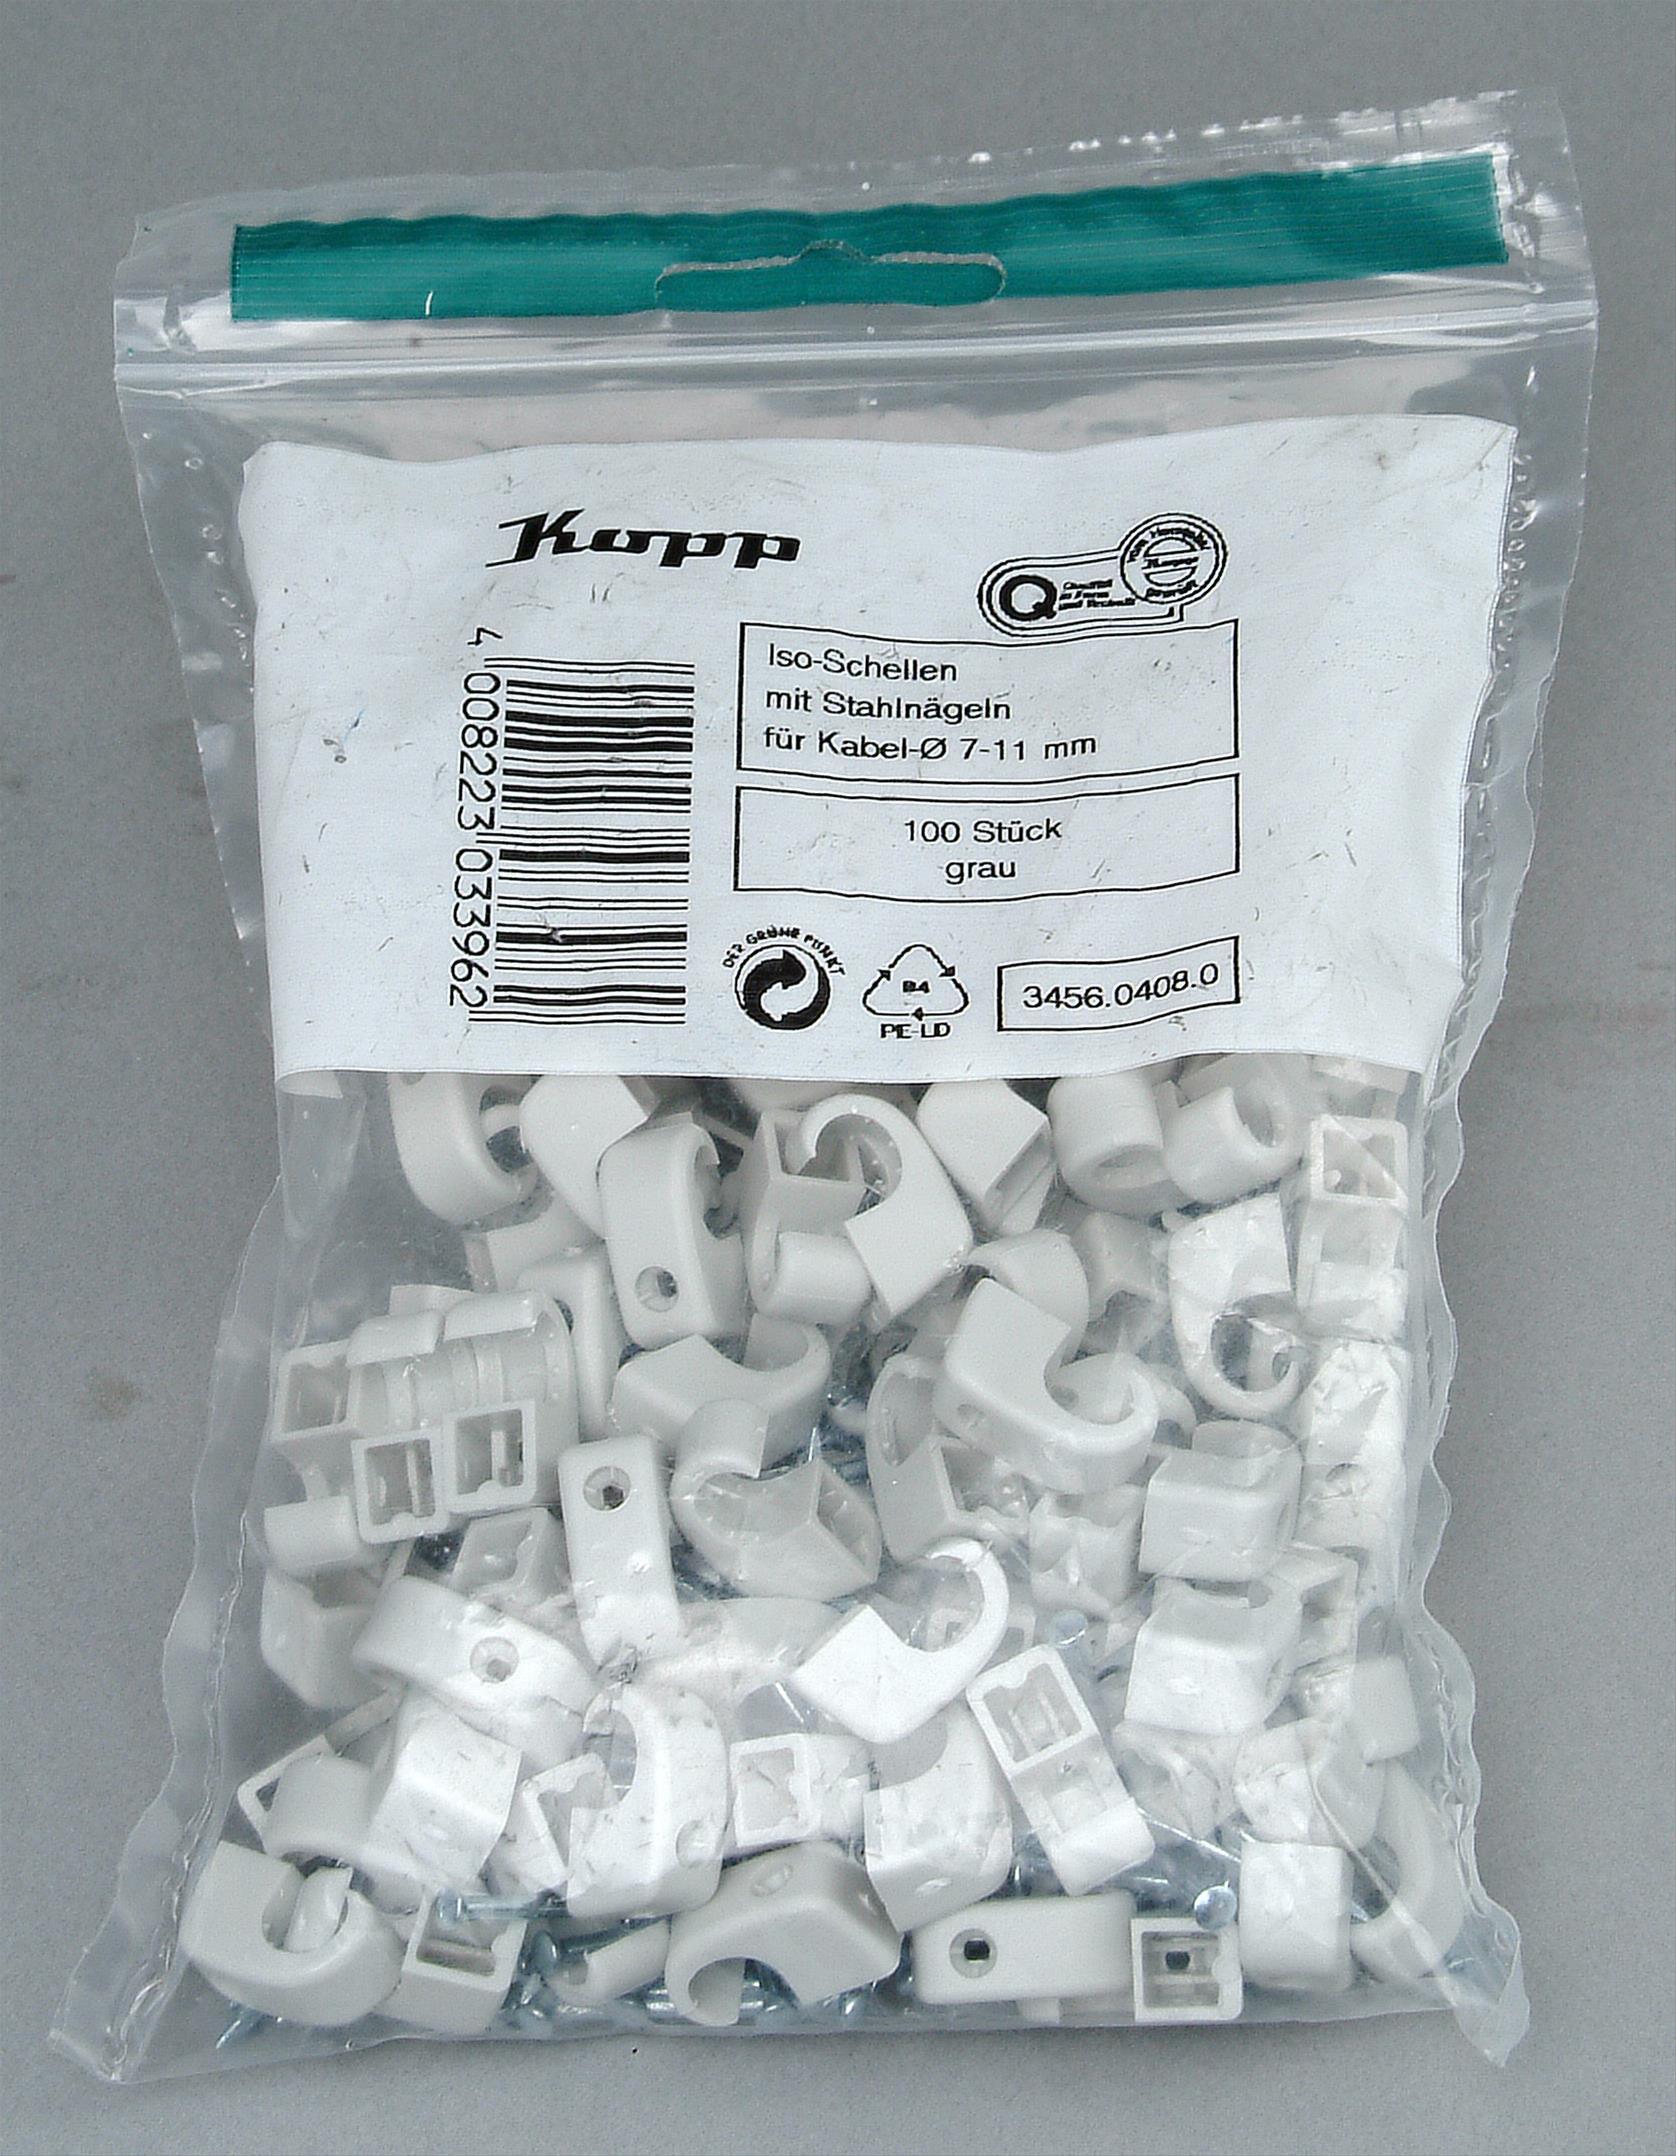 Kopp Iso-Schellen 7 - 11mm mit Stahlnadeln 100Stück Bild 1